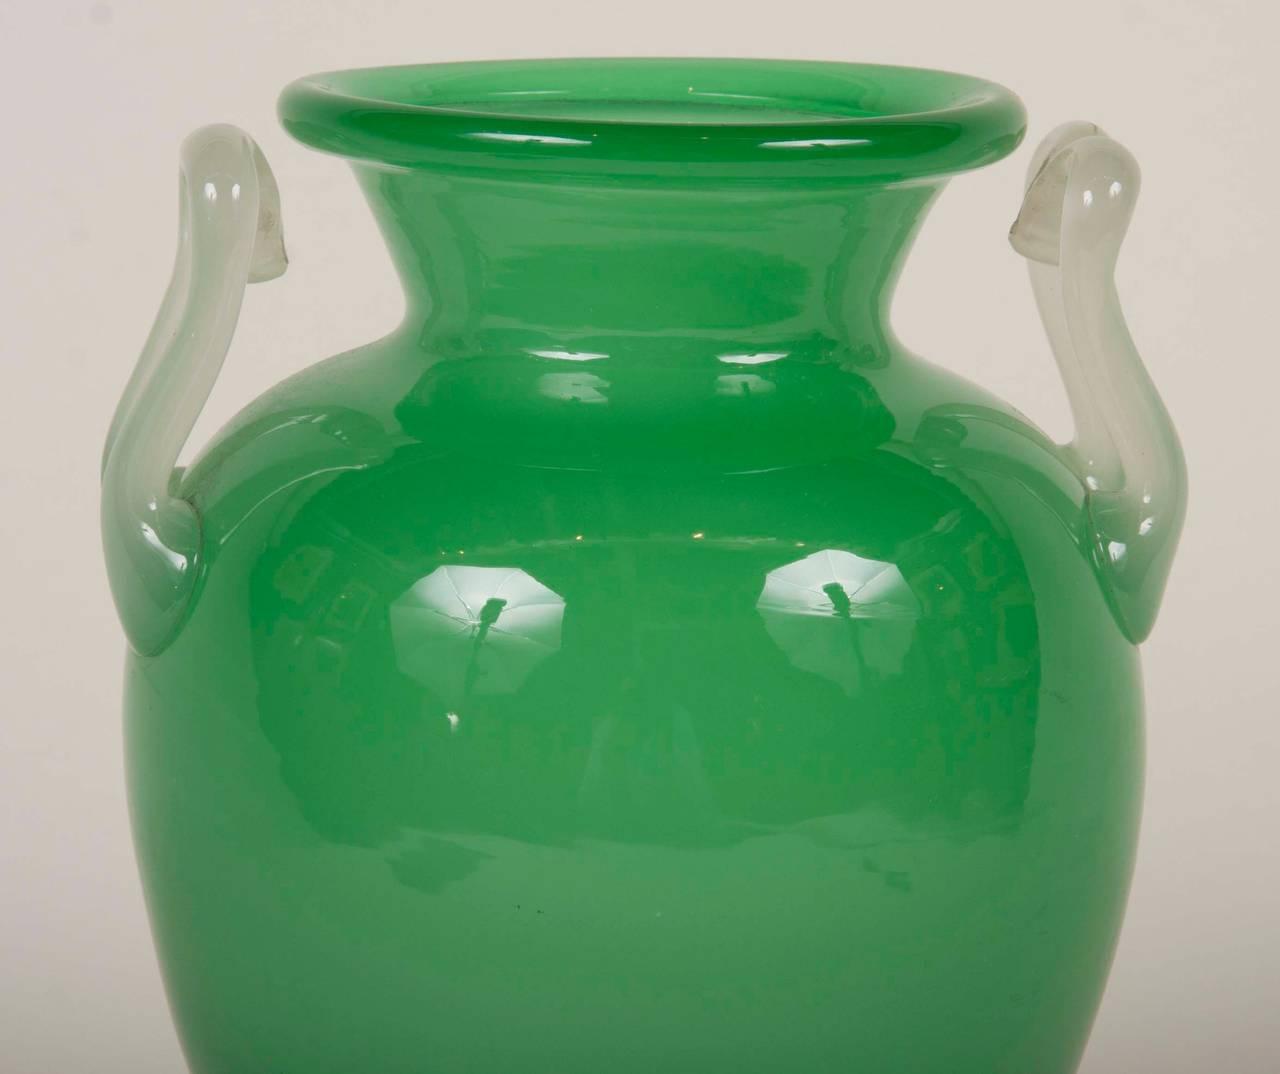 Steuben jade green glass vase signed f carder at 1stdibs steuben jade green glass vase with opaque handles signed f carder reviewsmspy